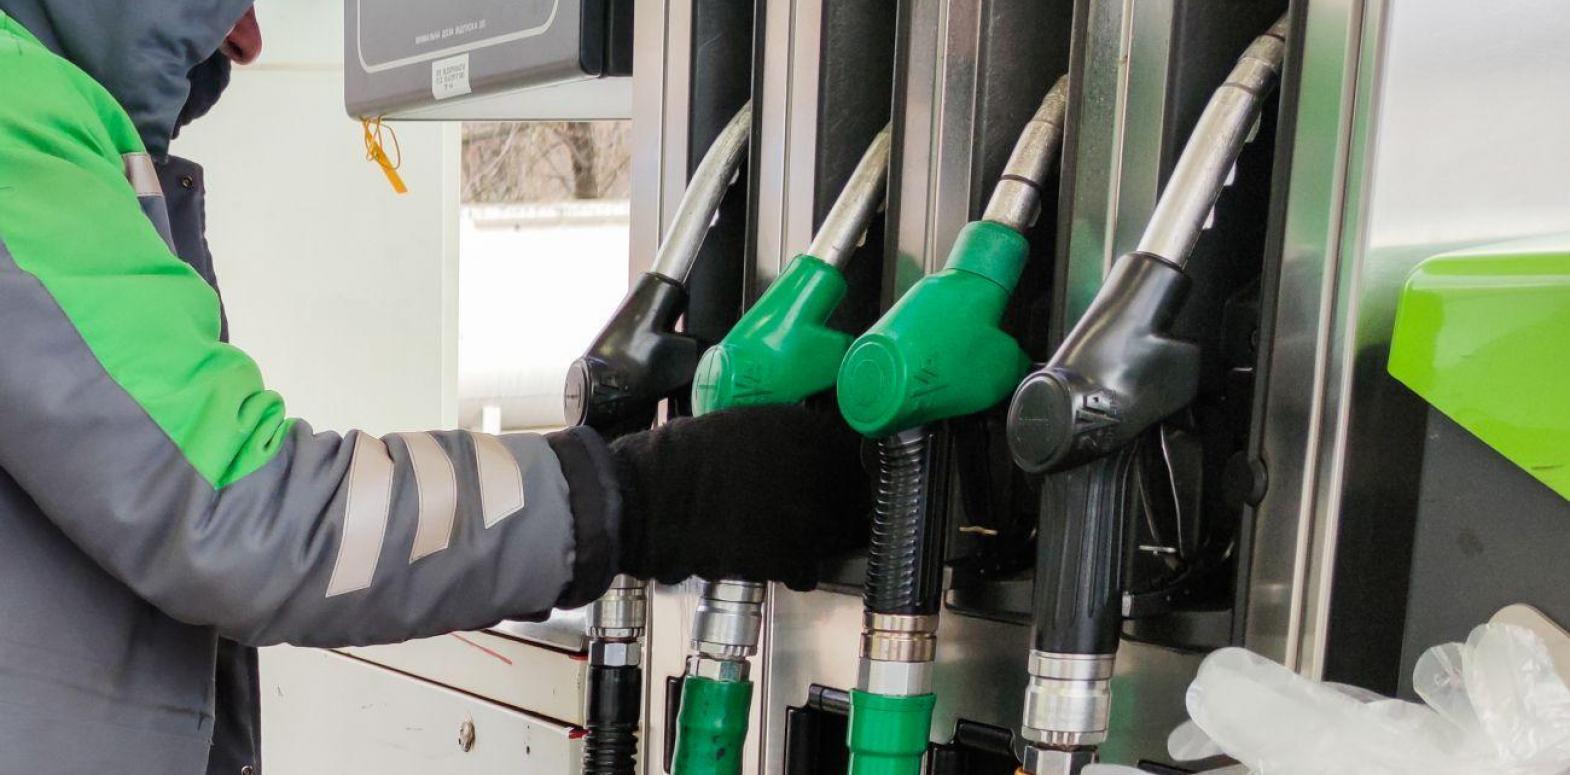 АЗС смогут поднять цены на бензин и ДТ: обнародована новая максимальная цена